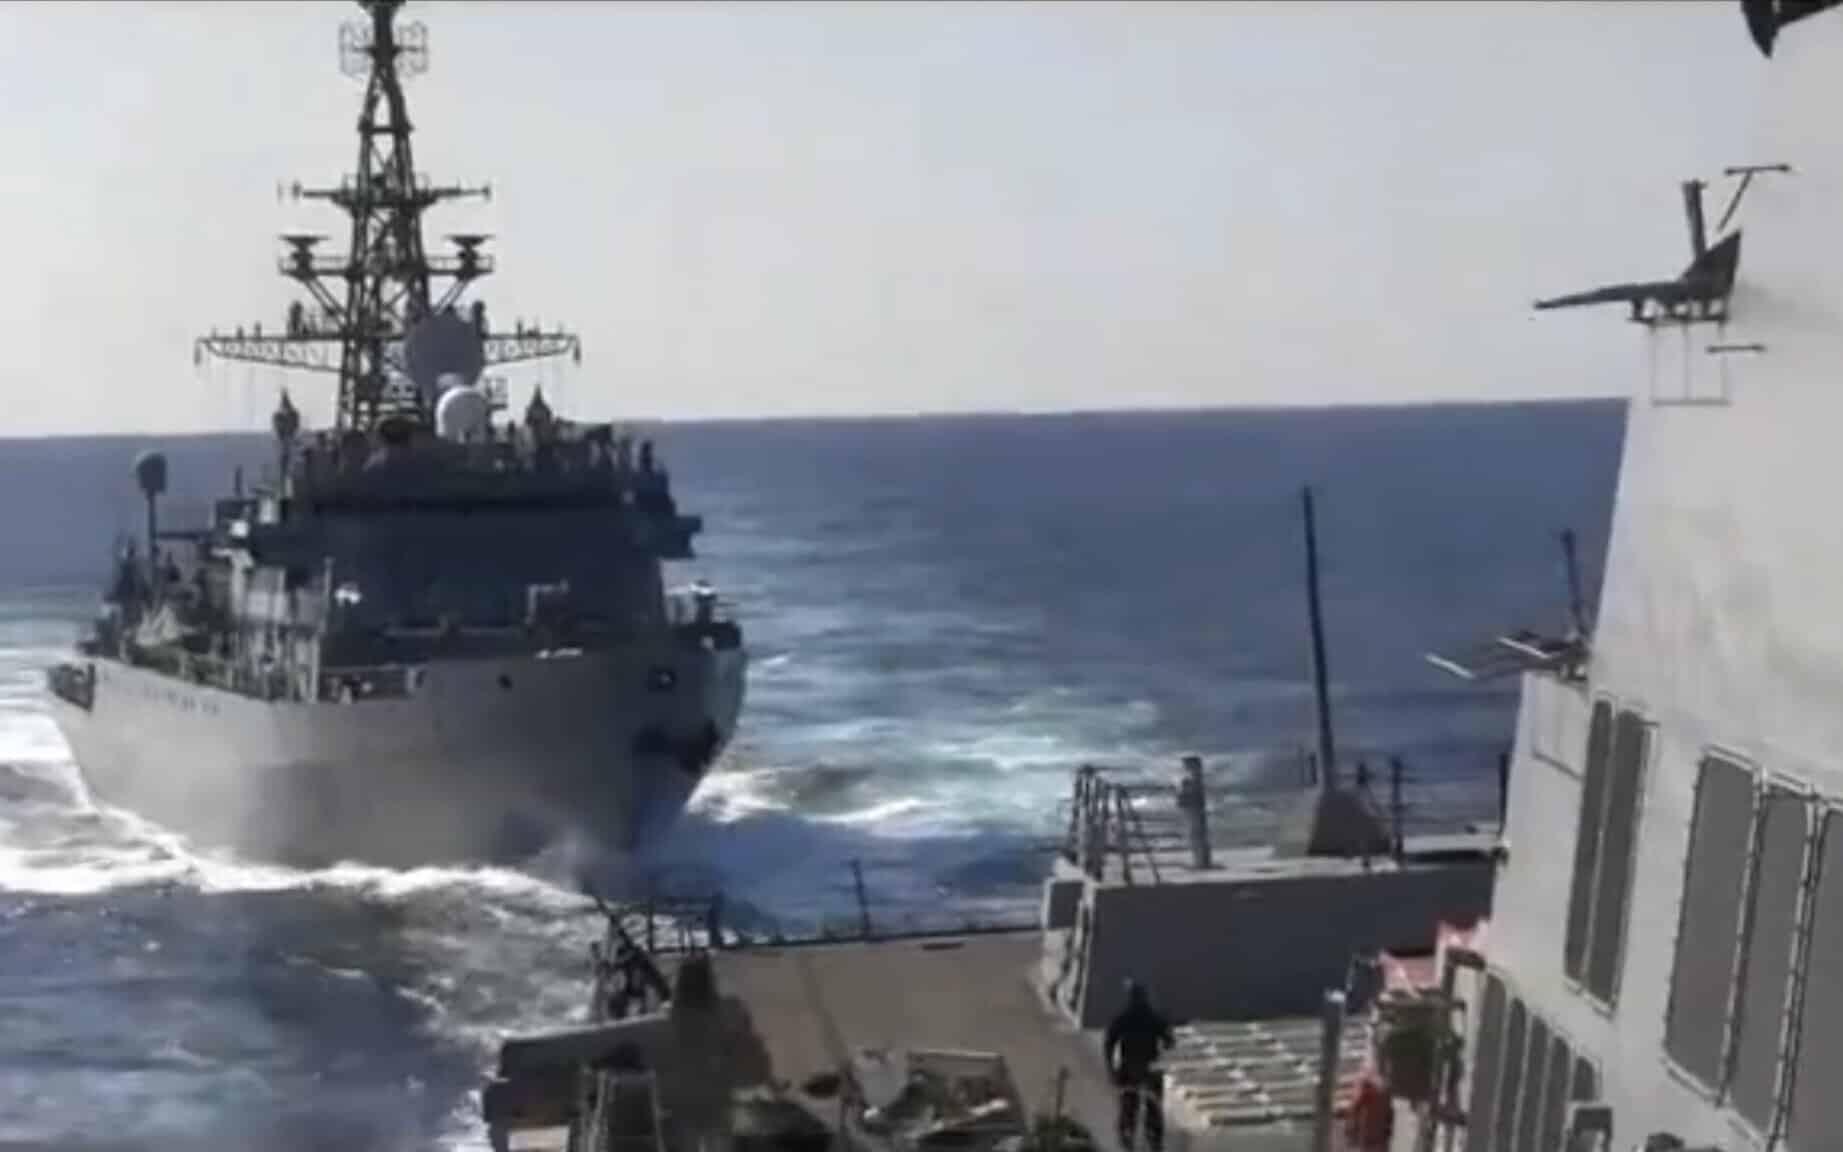 Опасный маневр российского судна в Аравийском море фото